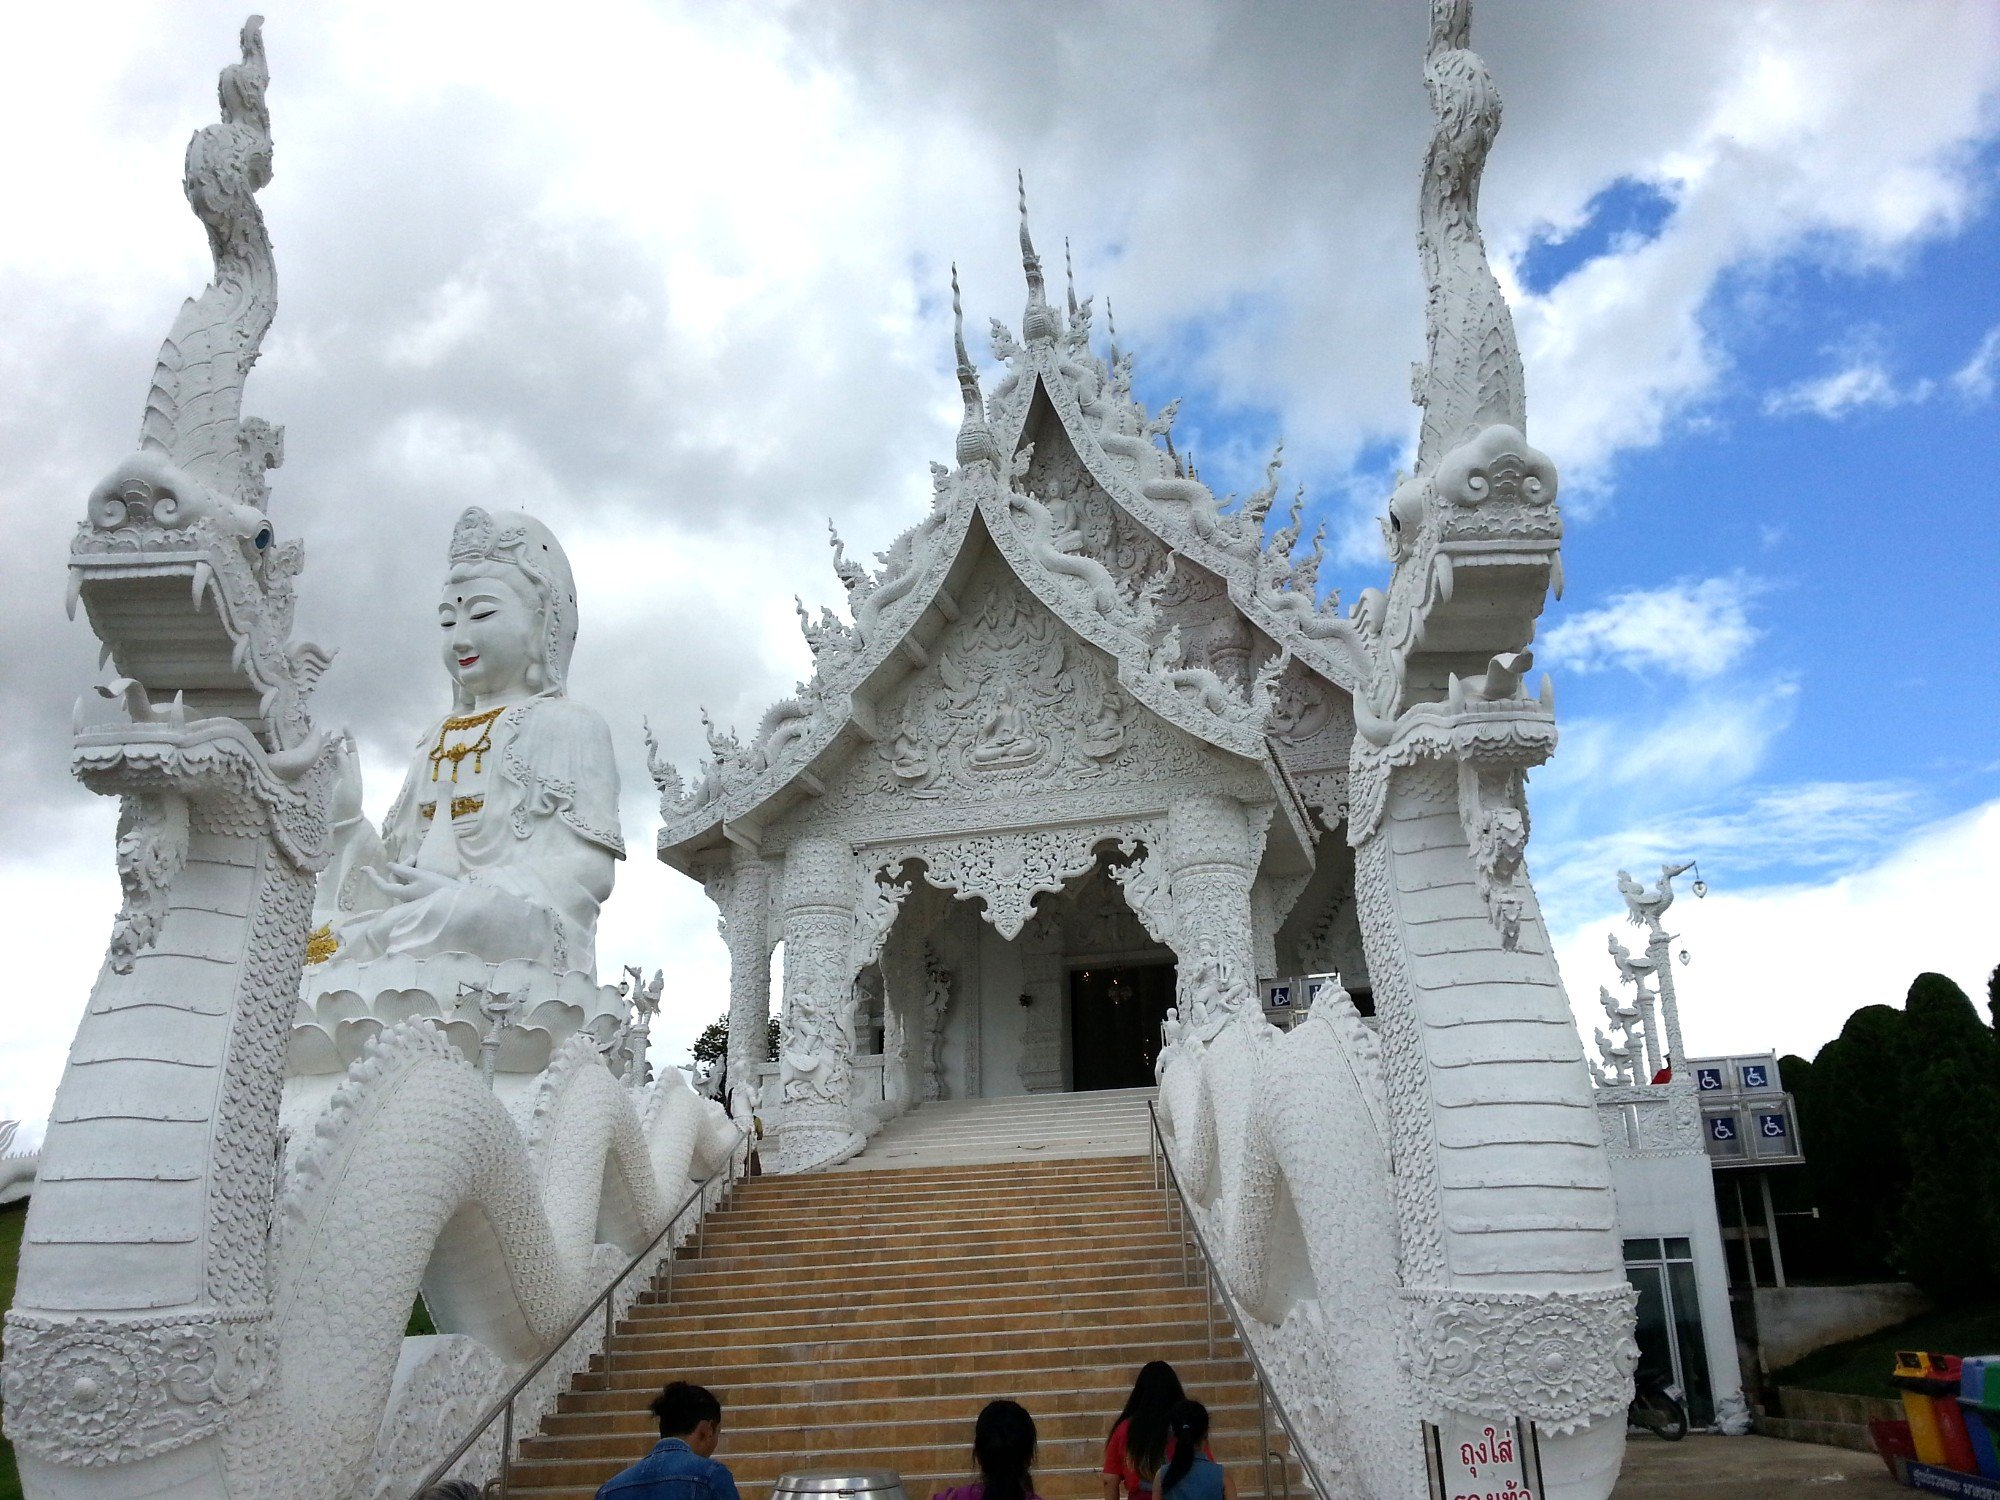 Entrance to the prayer hall at Wat Huay Pla Kang